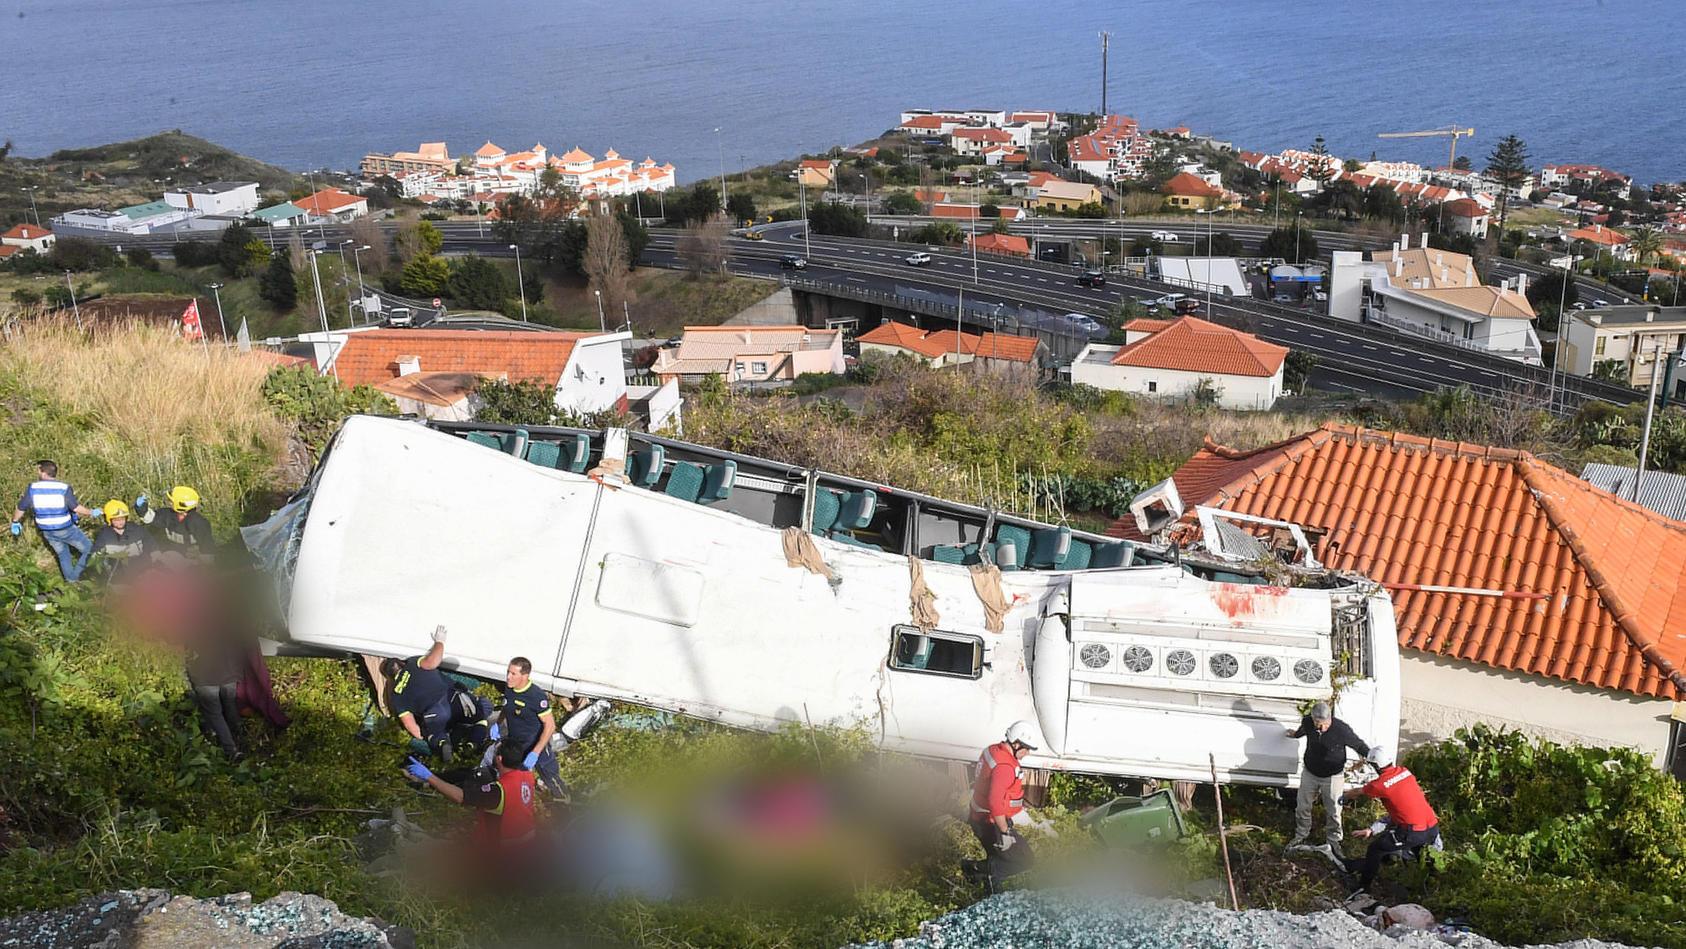 Bei dem Unglück soll eine Gruppe deutscher Touristen ums Leben gekommen sein.